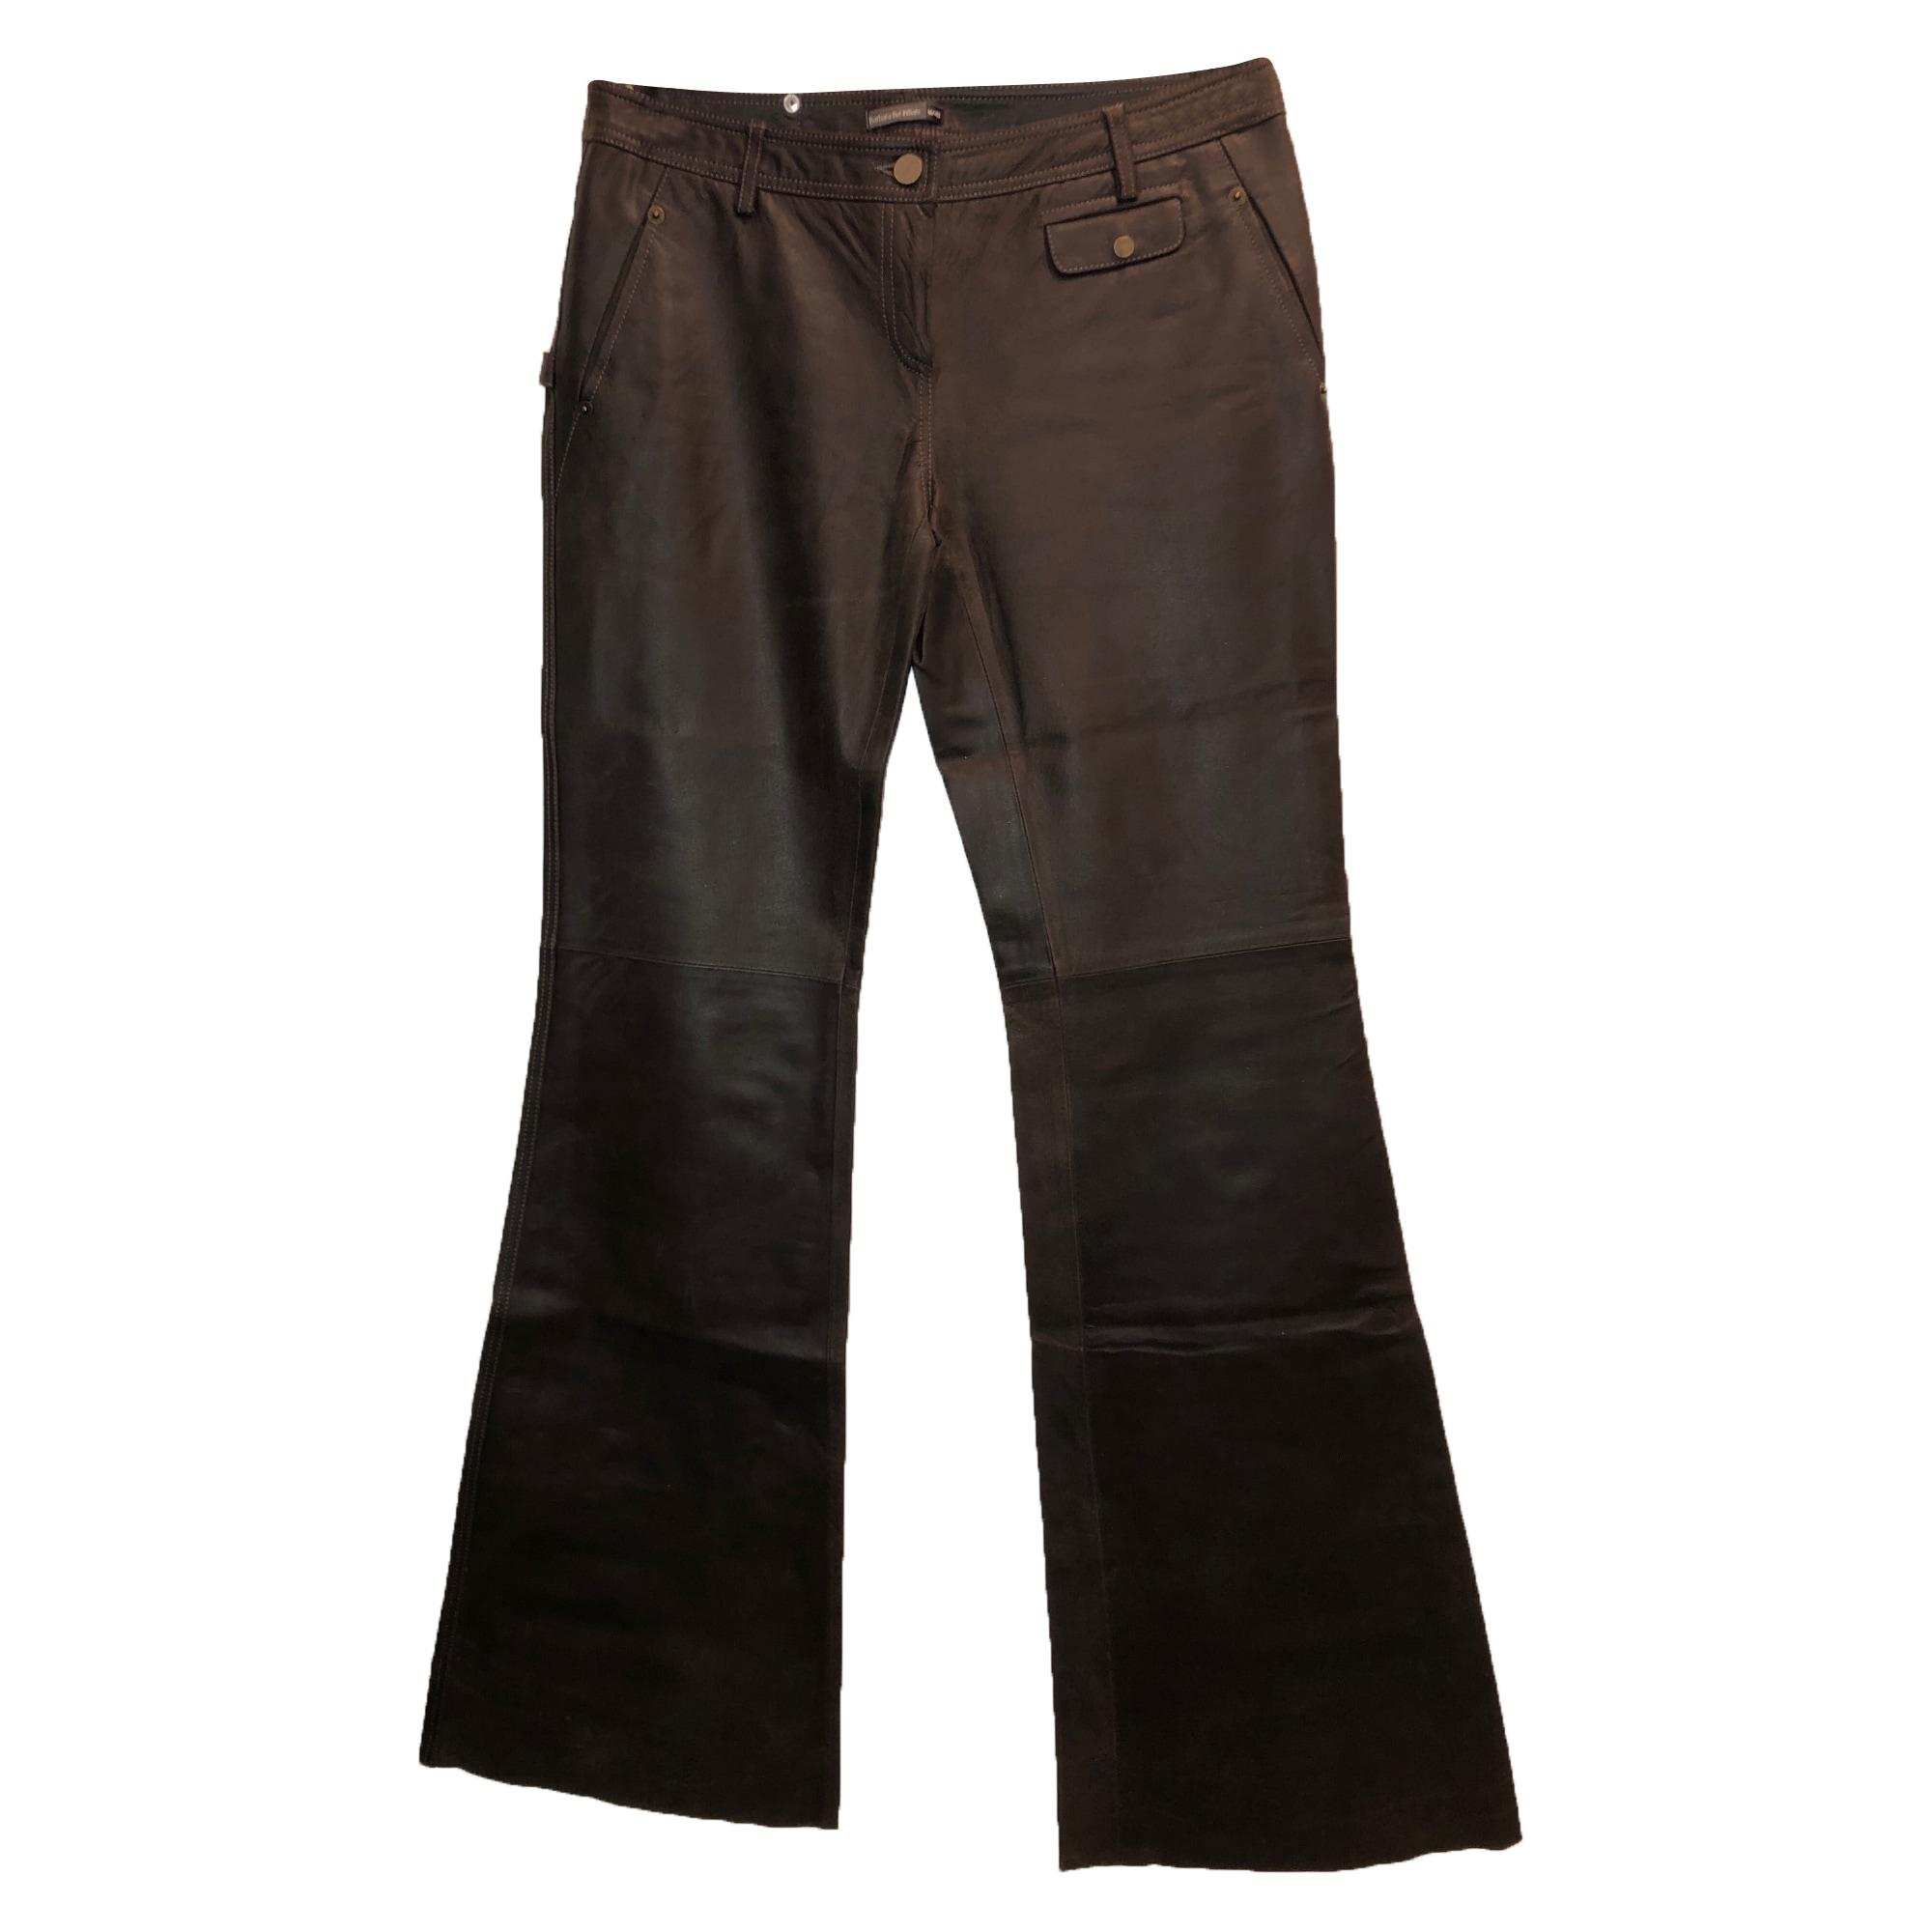 Pantalon très evasé, patte d'éléphant BARBARA BUI Marron